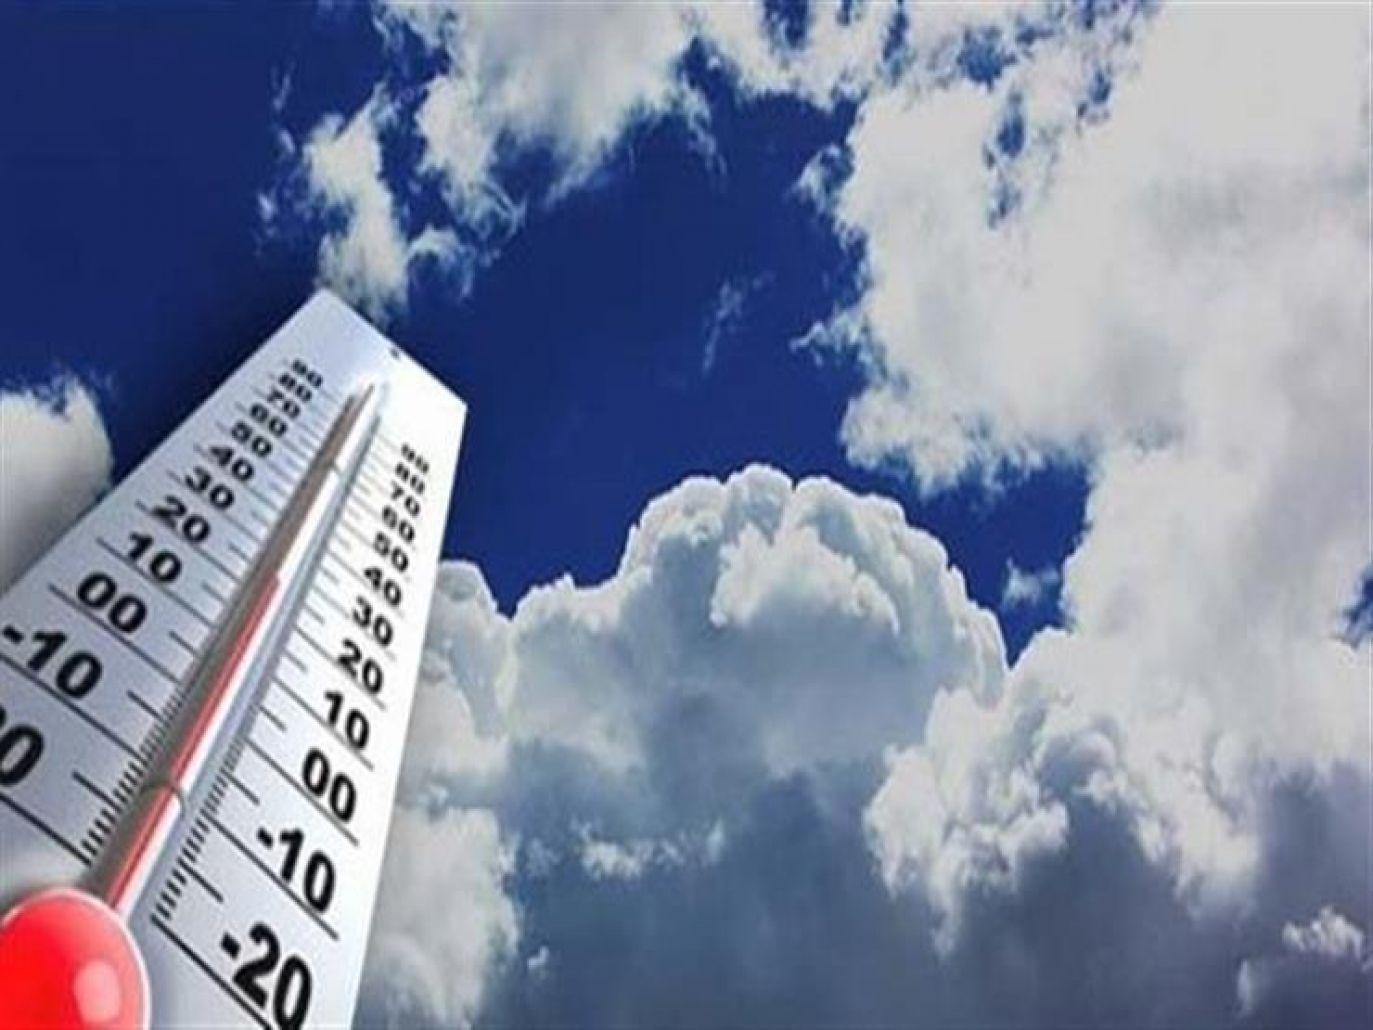 درجات الحرارة في المدن العربية اليوم الثلاثاء 20 ابريل 2021